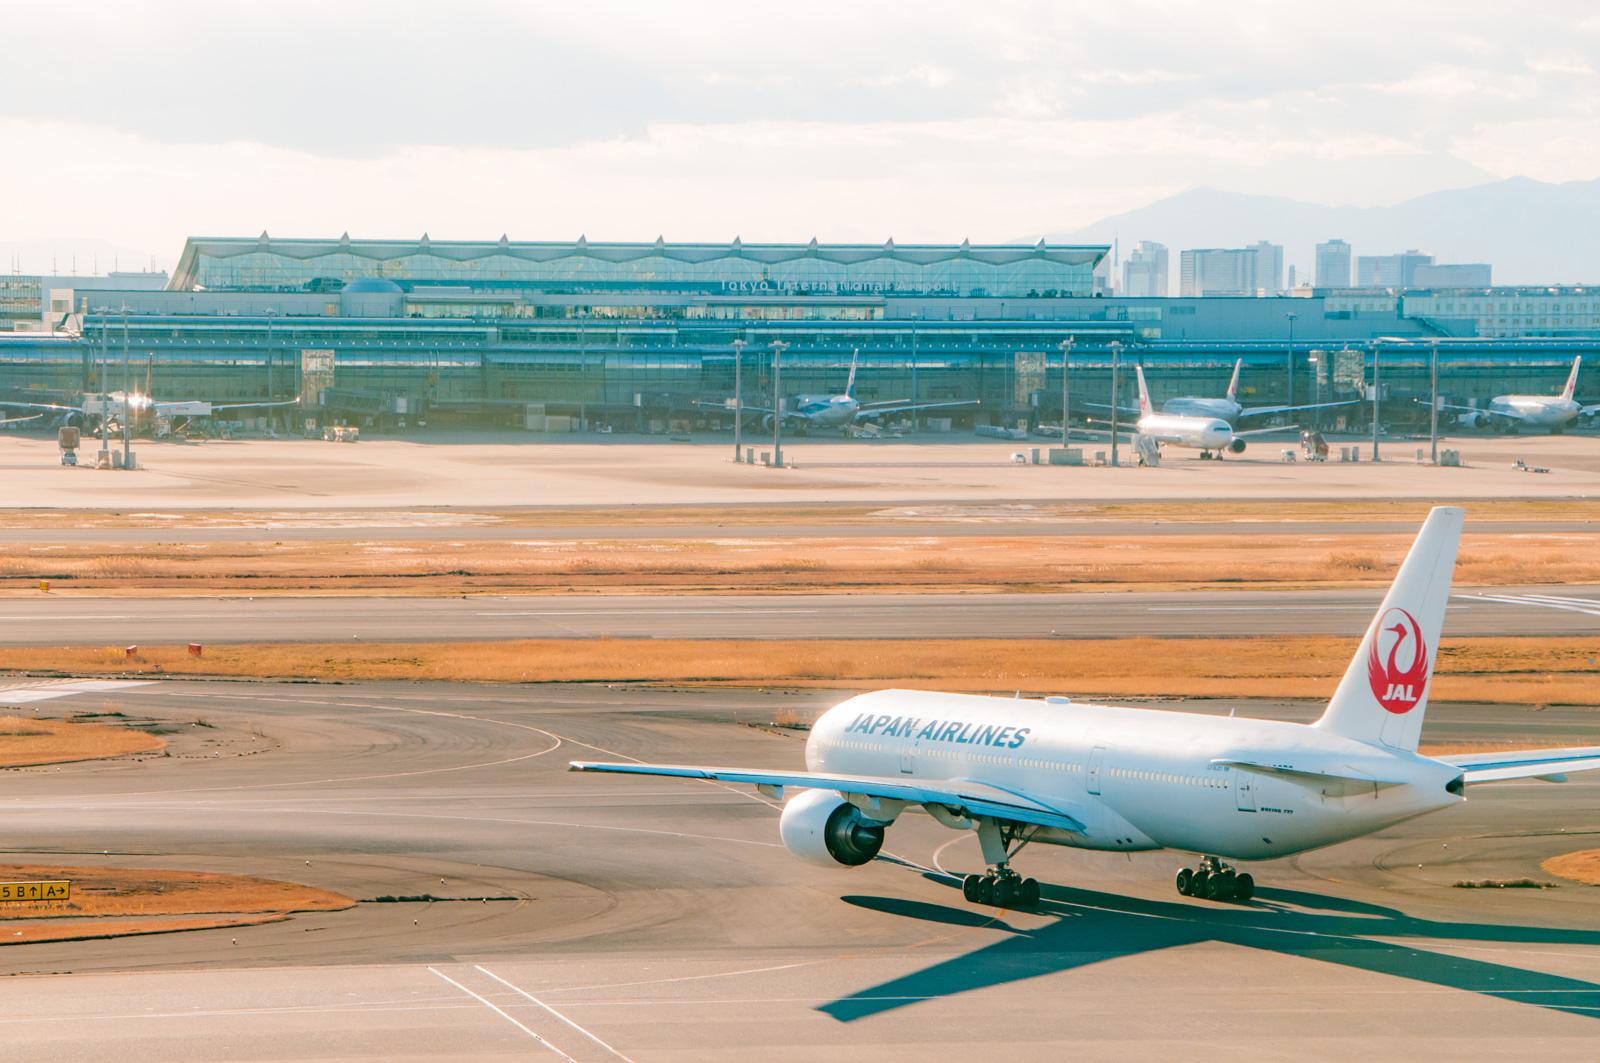 ニューアーク空港の魅力を調査!マンハッタンへアクセスから免税店情報まで